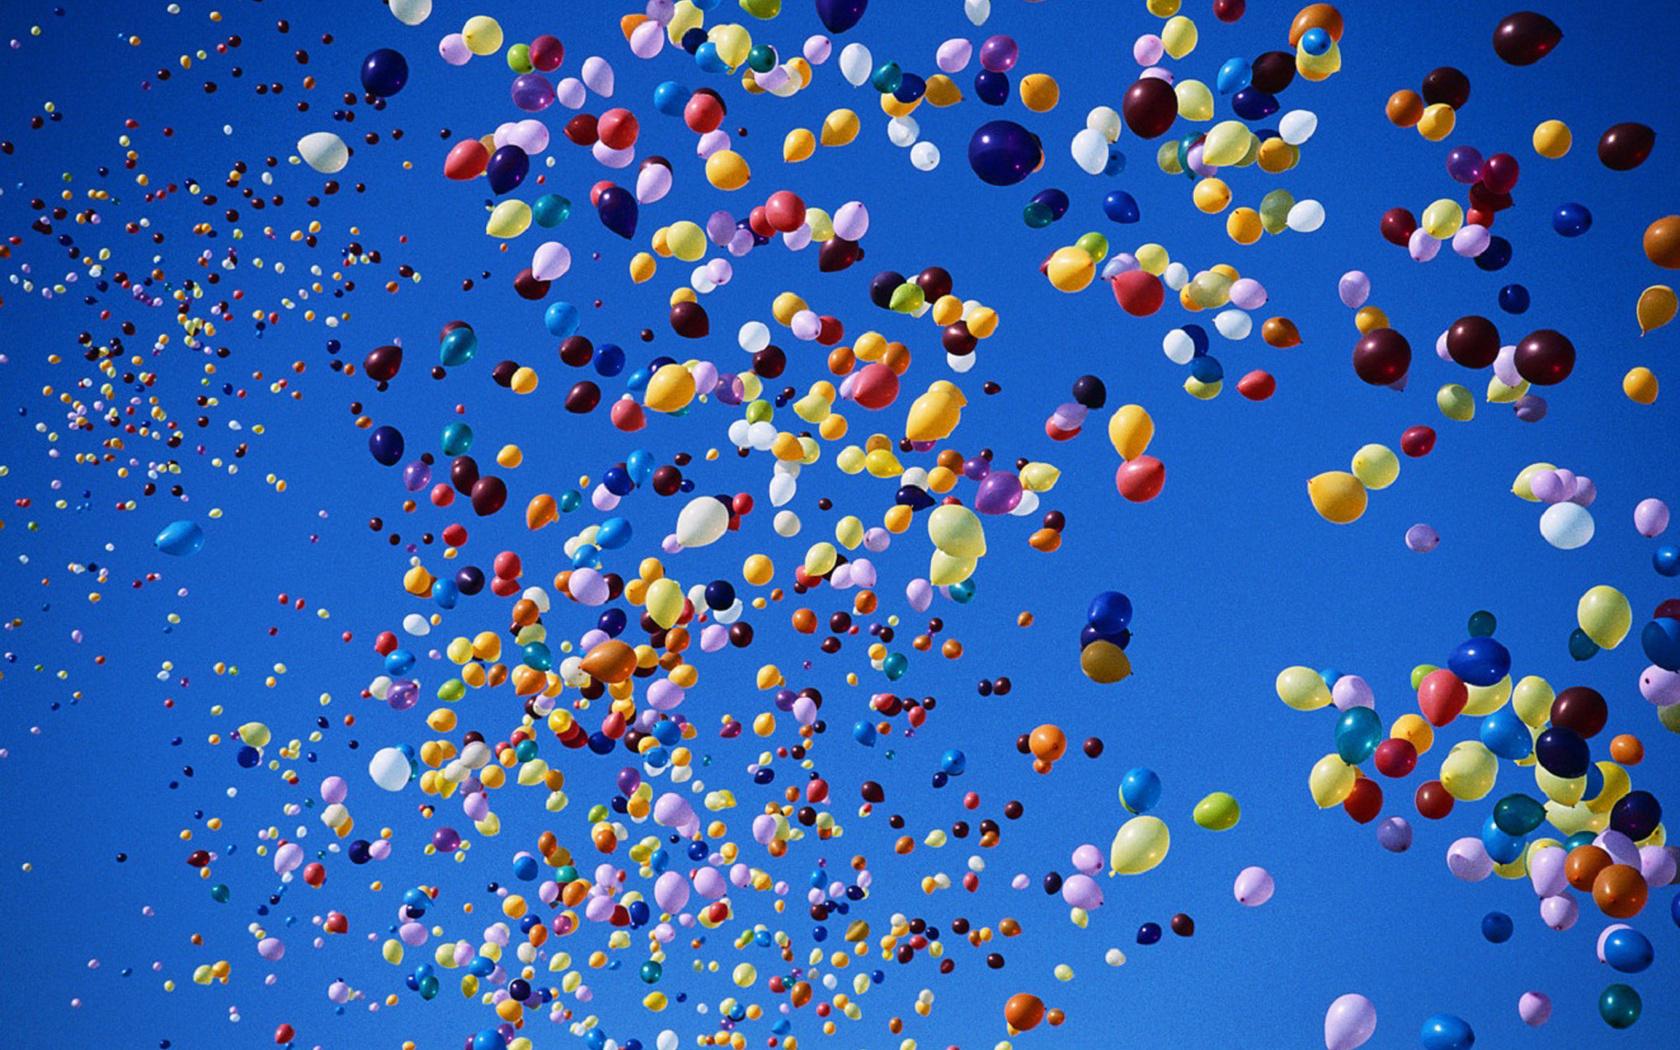 Выпускники Астаны отказались от неэкологичного запуска воздушных шаров